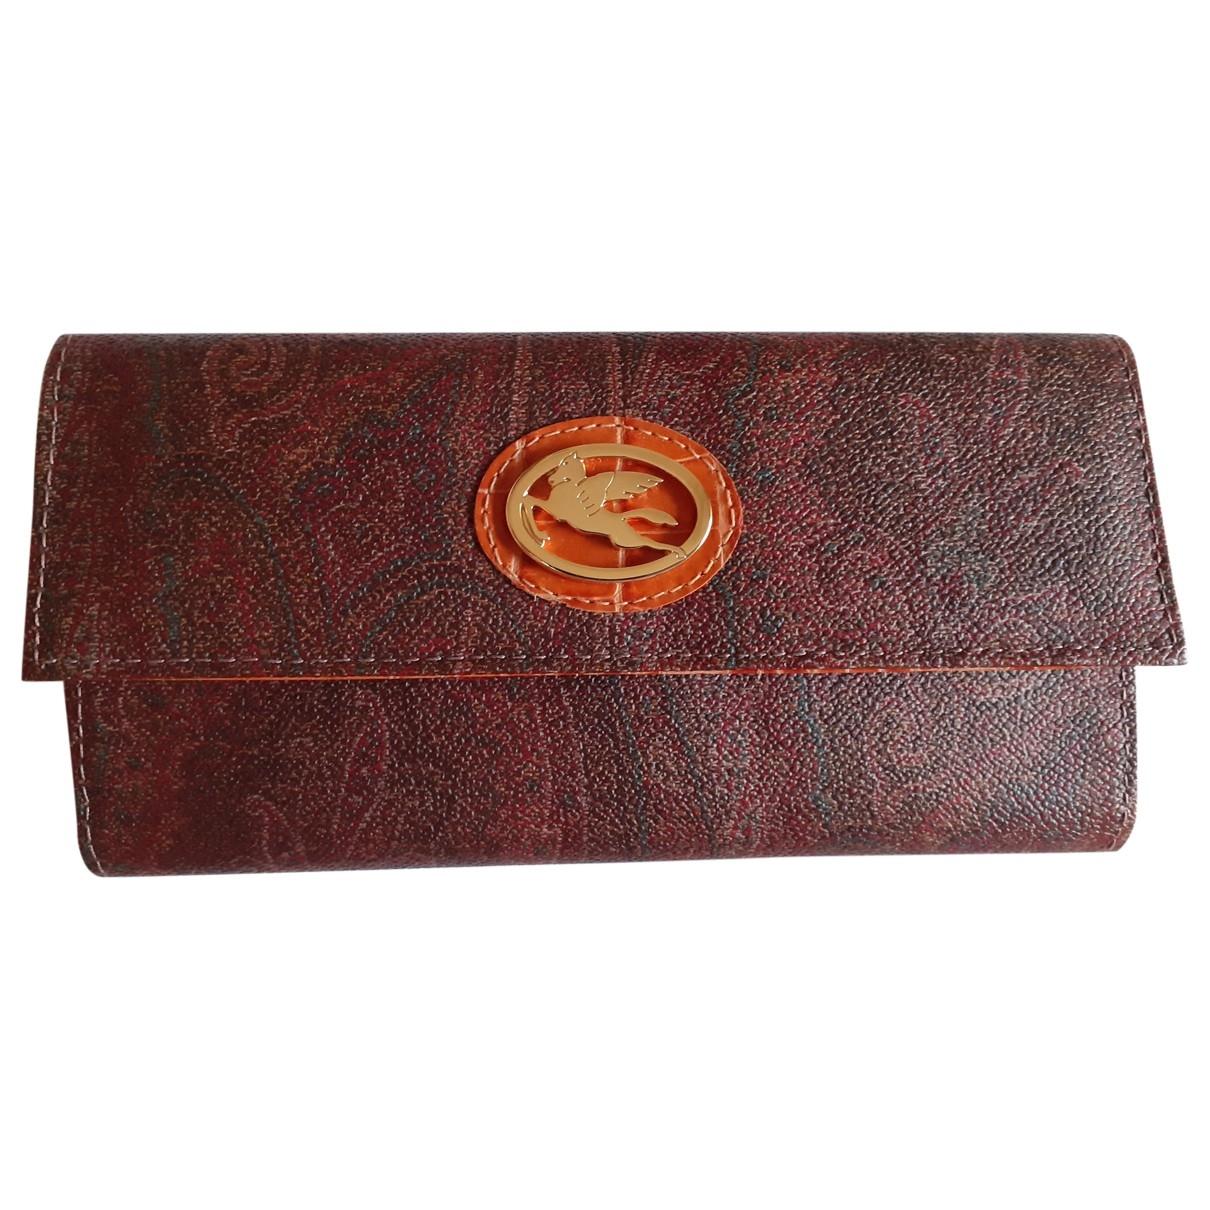 Etro - Portefeuille   pour femme en cuir